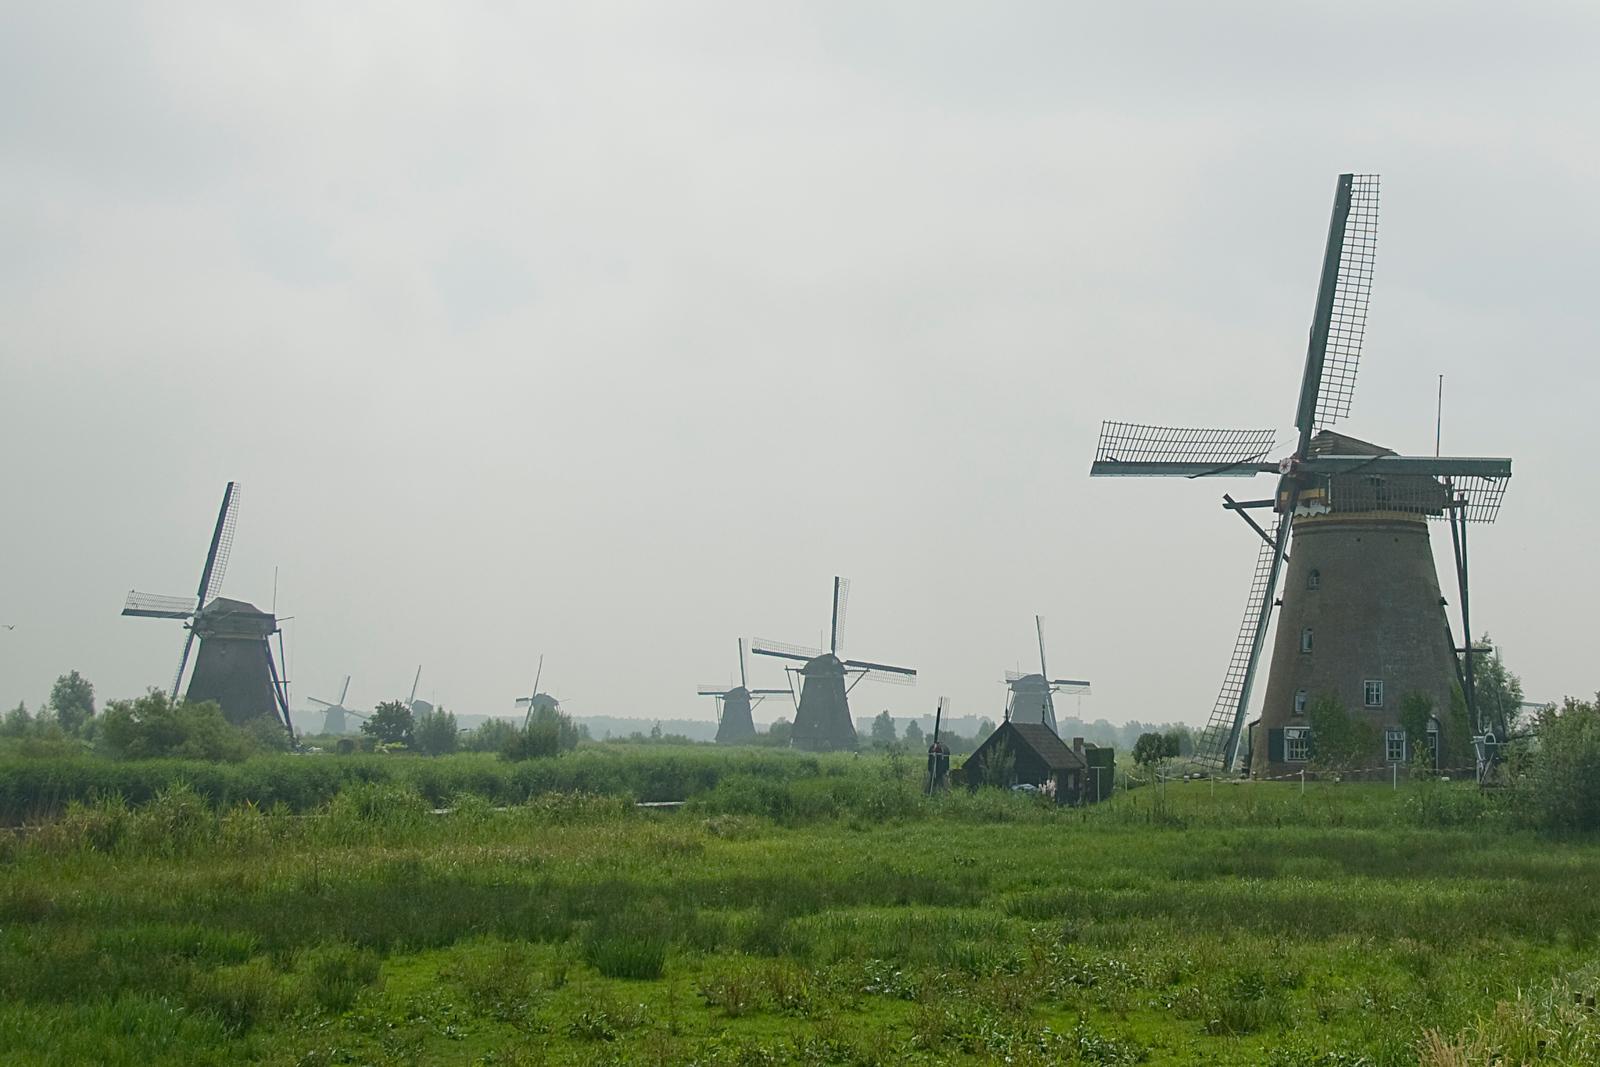 Mill Network at Kinderdijk-Elshout UNESCO World Heritage Site, Netherlands